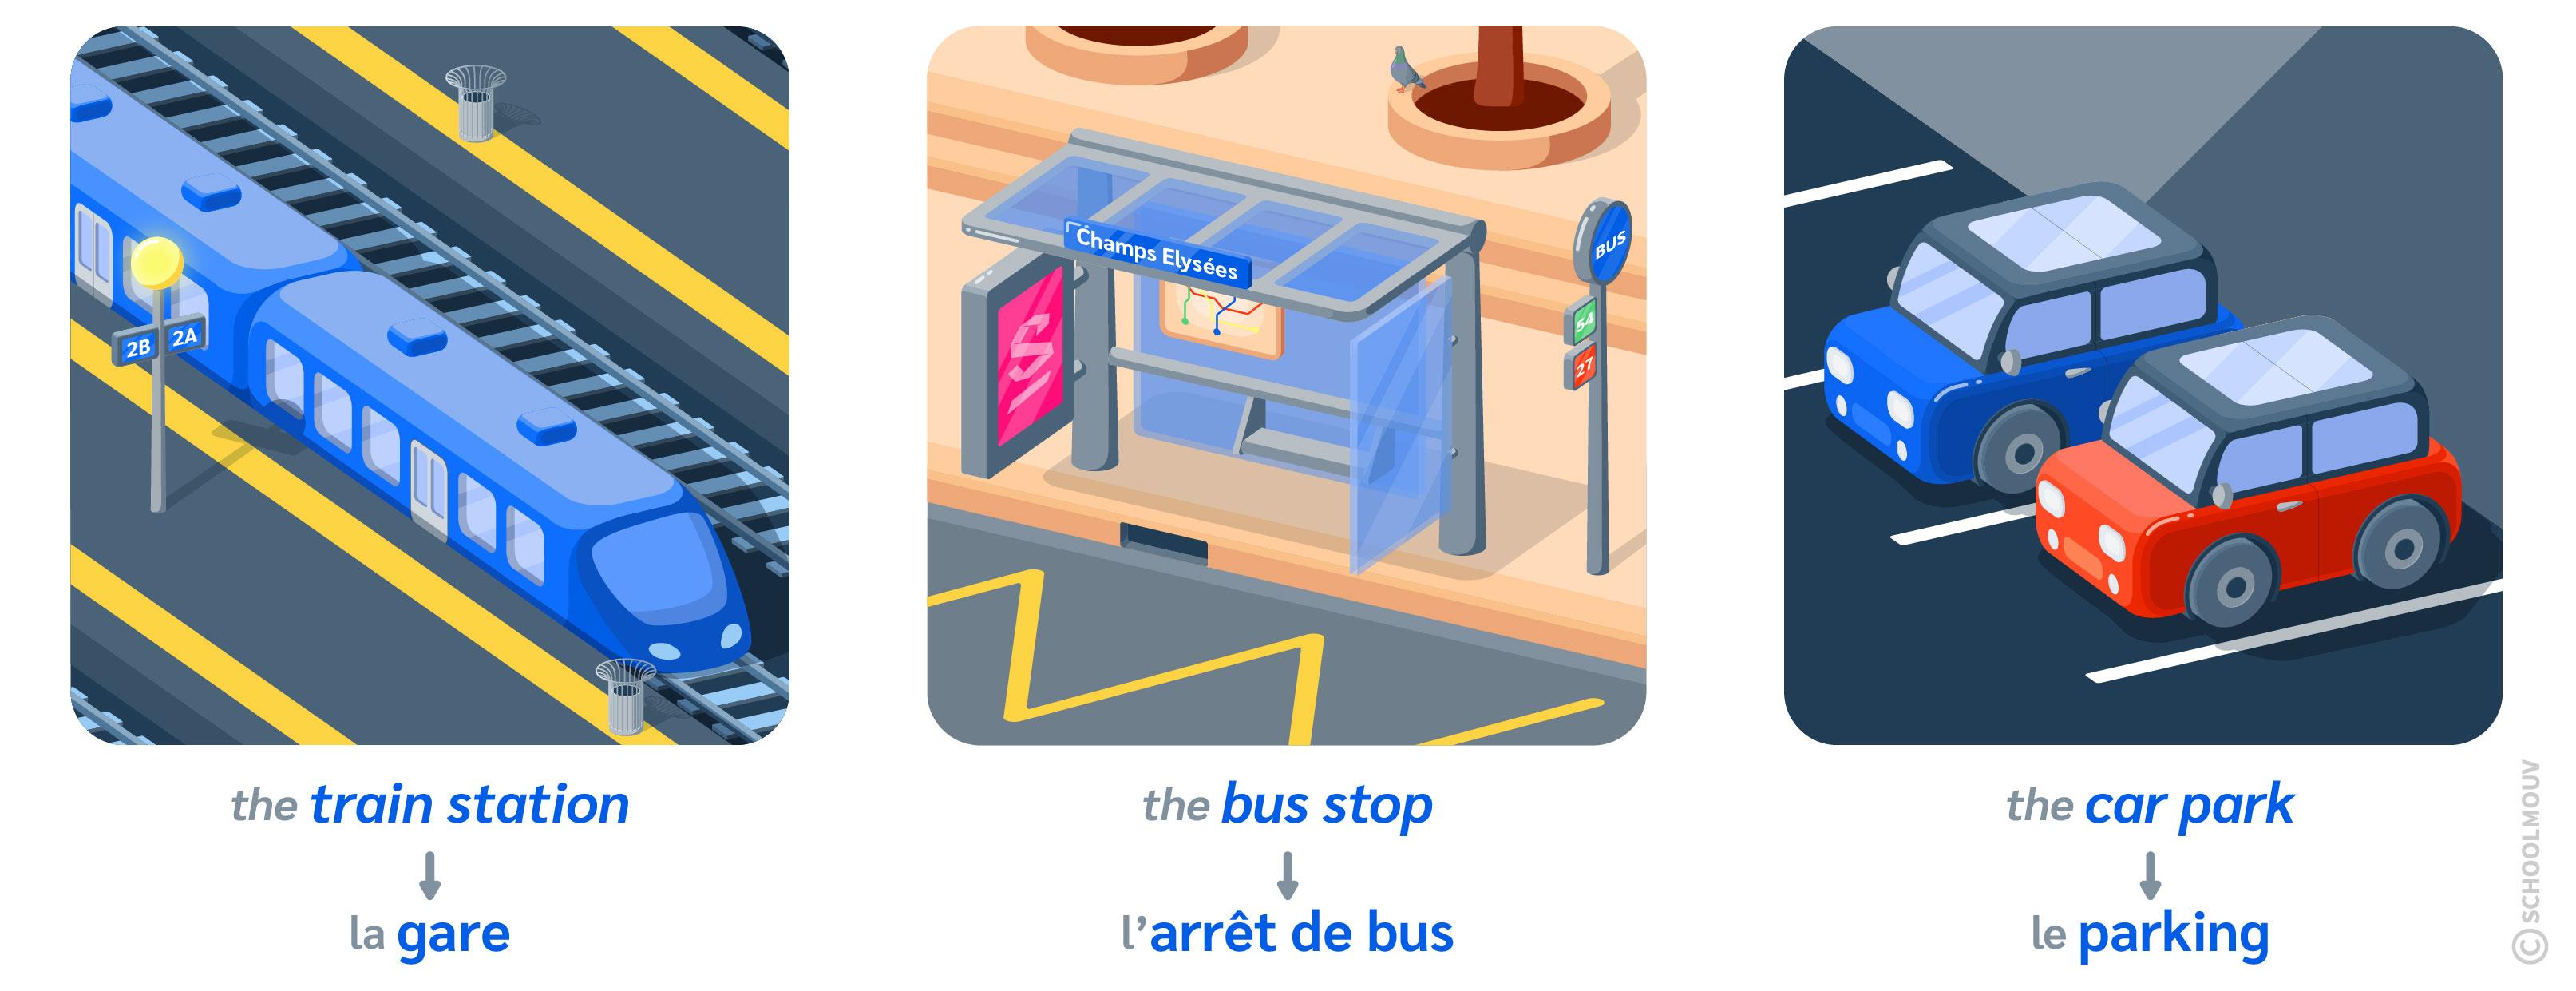 transports ville anglais train bus car park